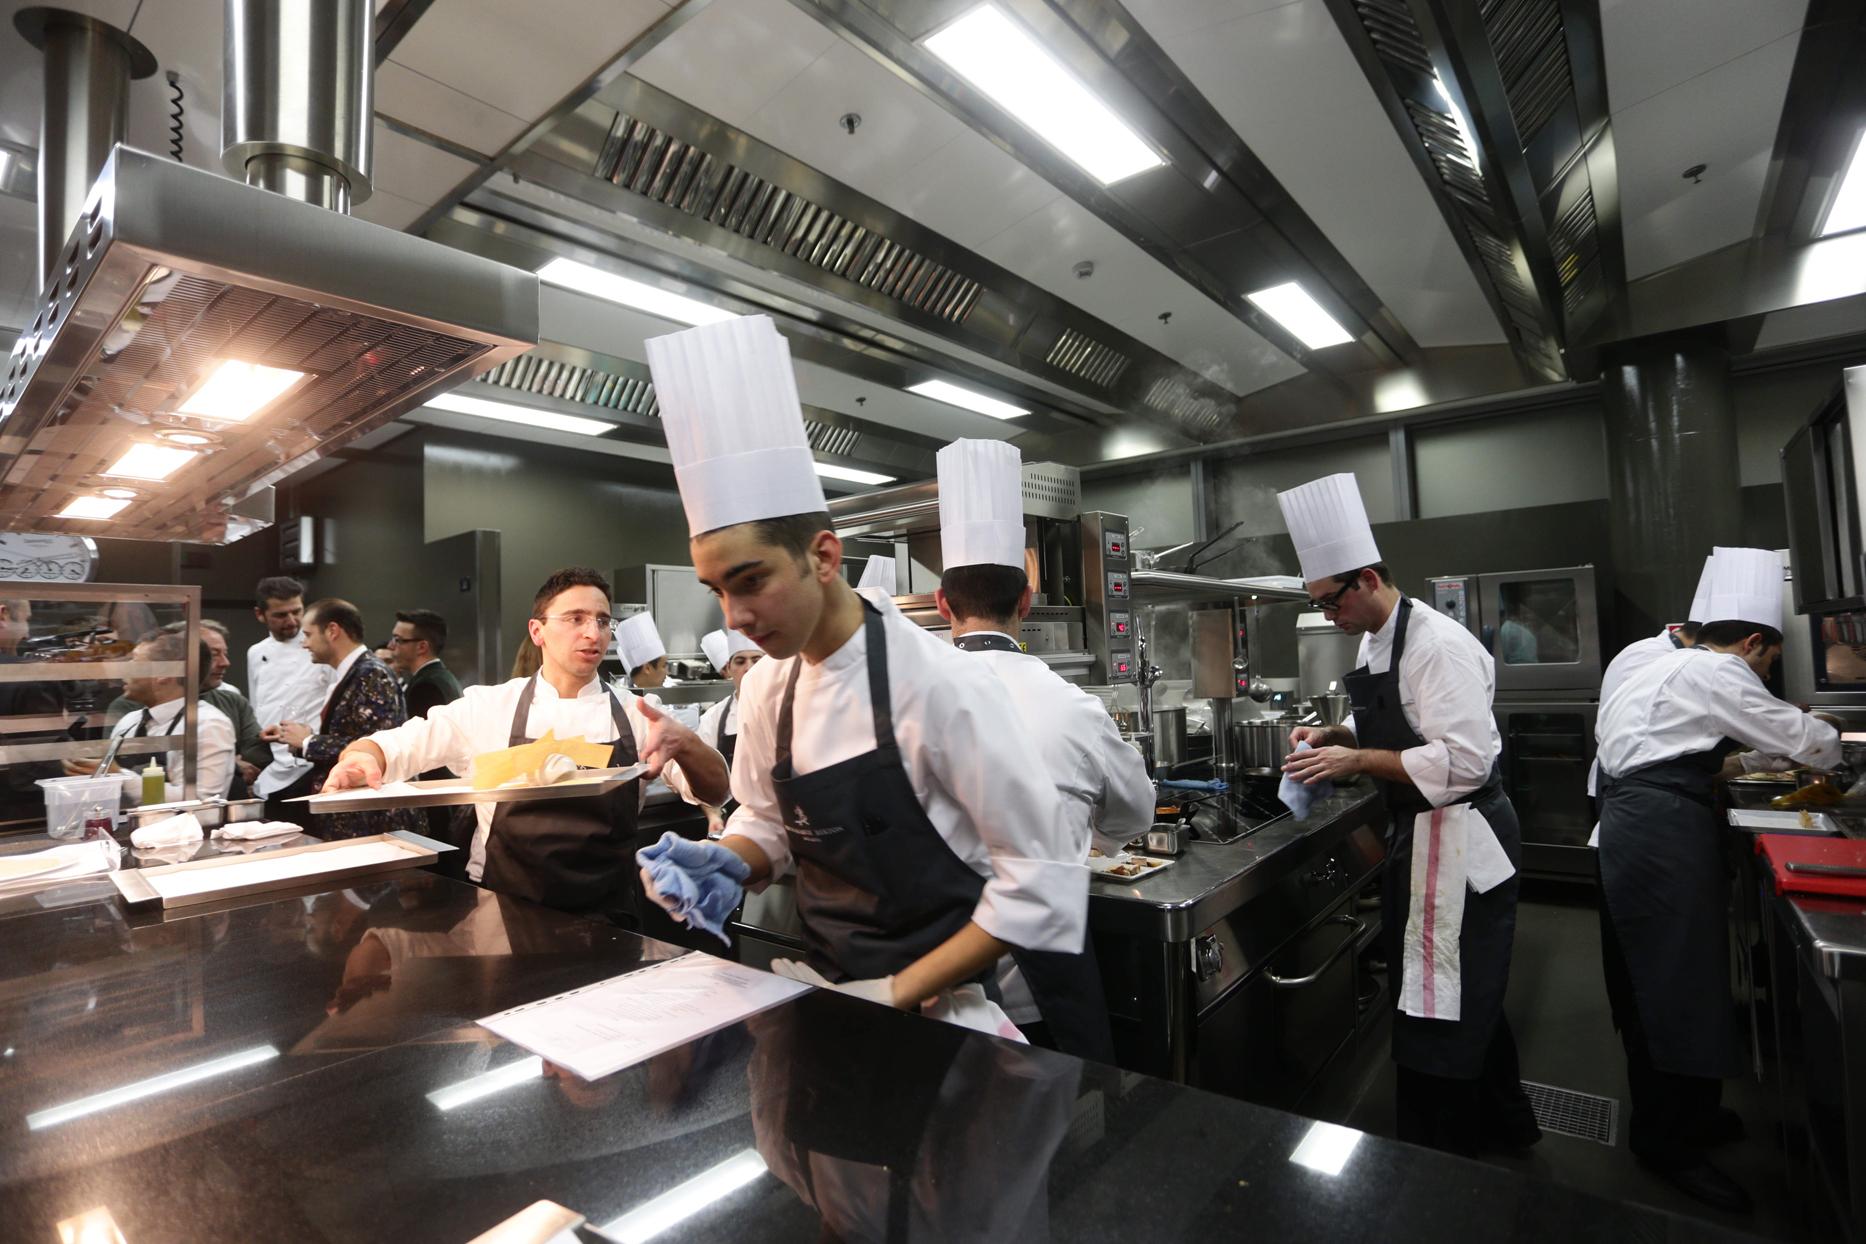 Novit meneghine il ristorante di andrea berton for Ristorante andrea berton